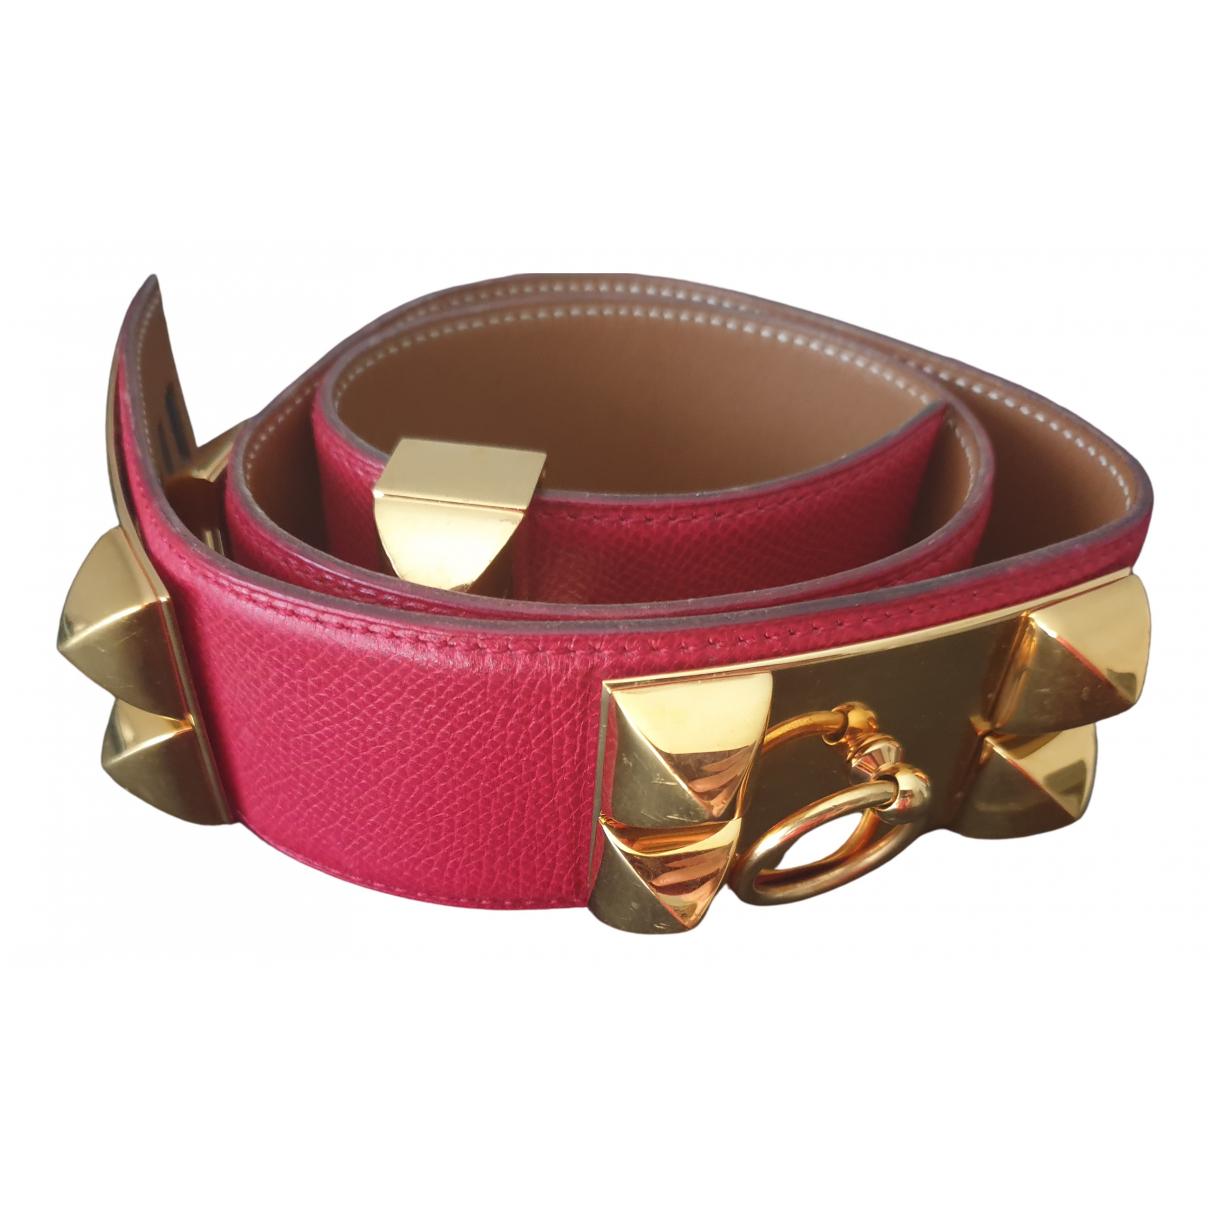 Cinturon Collier de chien de Cuero Hermes